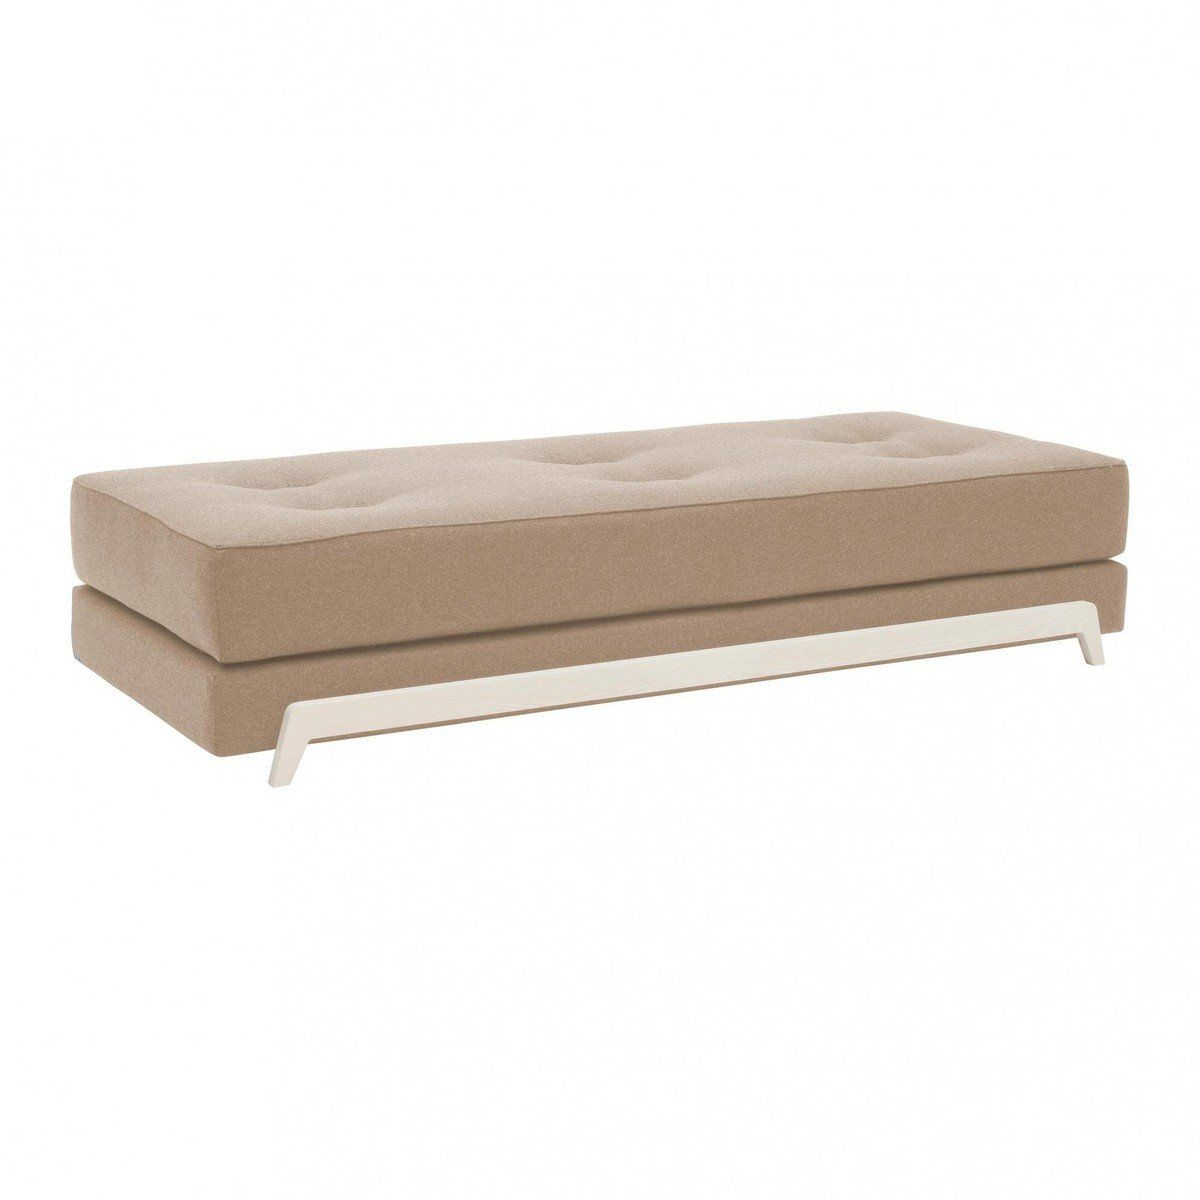 Frame sof cama colch n de espuma fr a softline for Sofa cama individual espuma